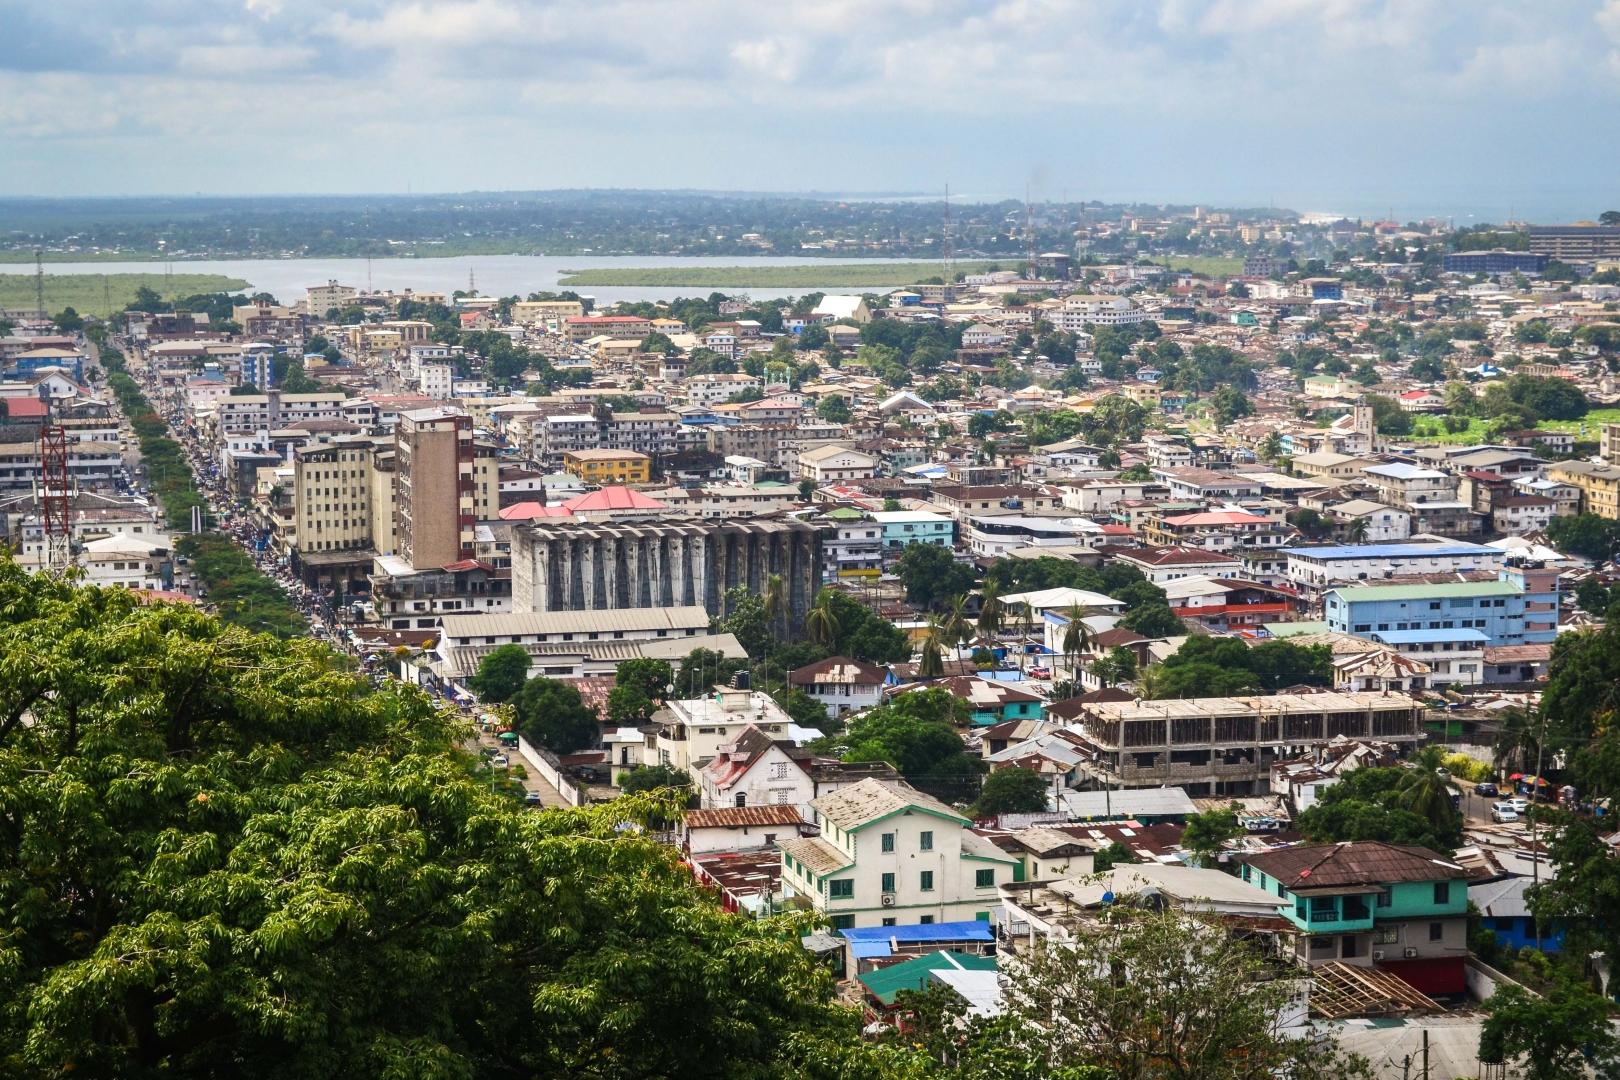 открытка посещению либерия монровия фото музыкальное